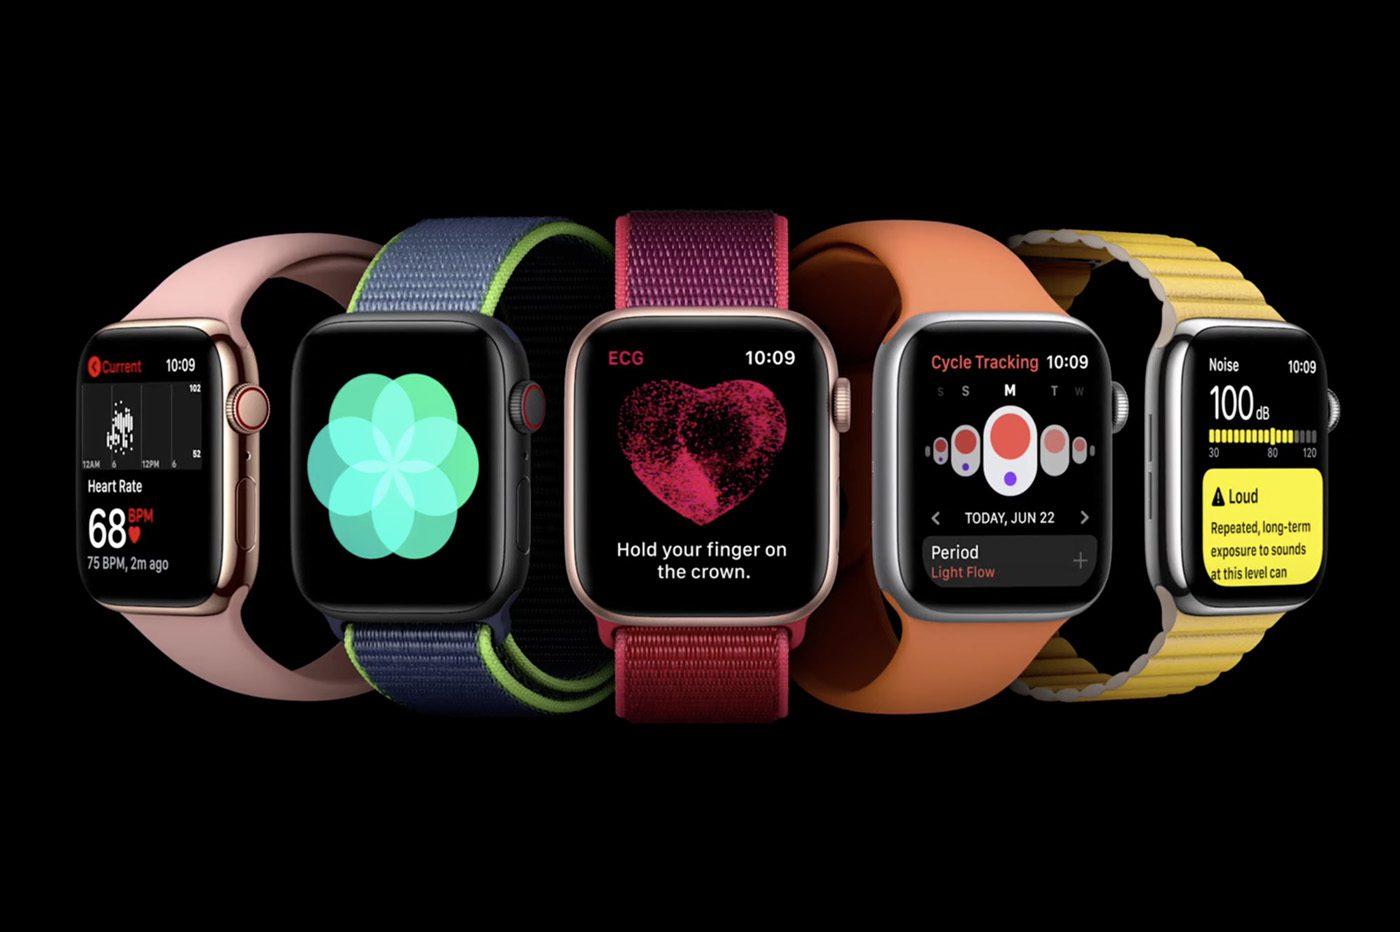 Apple Watch Series 7 оснащены датчиками уровня глюкозы в крови и температуры тела